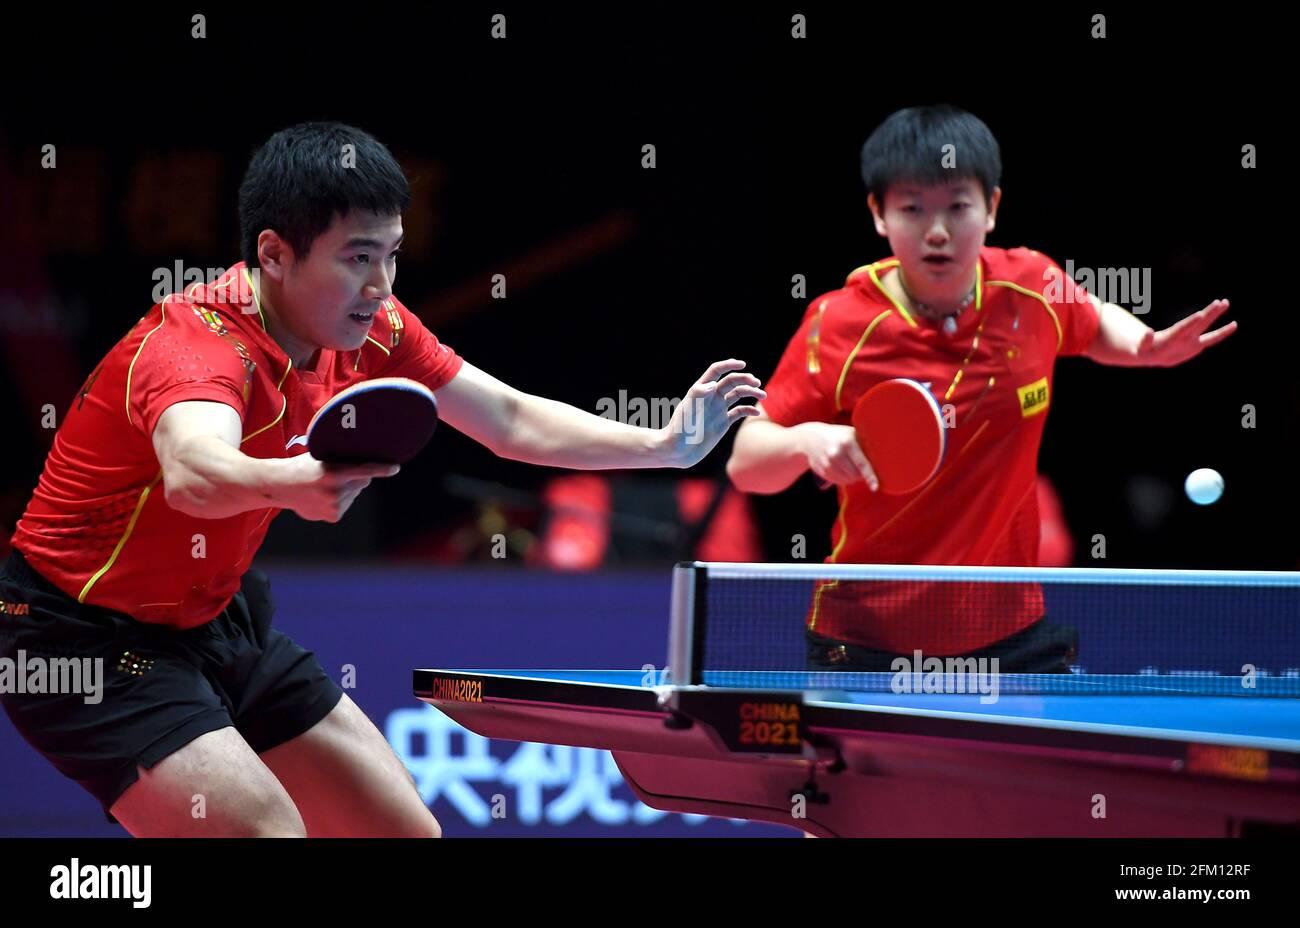 Xinxiang, province chinoise du Henan. 5 mai 2021. Liang Jingkun (L)/Sun Yingsha se disputent le quart de finale mixte de doubles entre Liang Jingkun/Sun Yingsha et Zhu Linfeng/Zhu Yuling au WTT (World Table tennis) Grand smashes Trial and Olympic Simulation de 2021 à Xinxiang, dans la province de Henan en Chine centrale, le 5 mai 2021. Credit: Li an/Xinhua/Alay Live News Banque D'Images